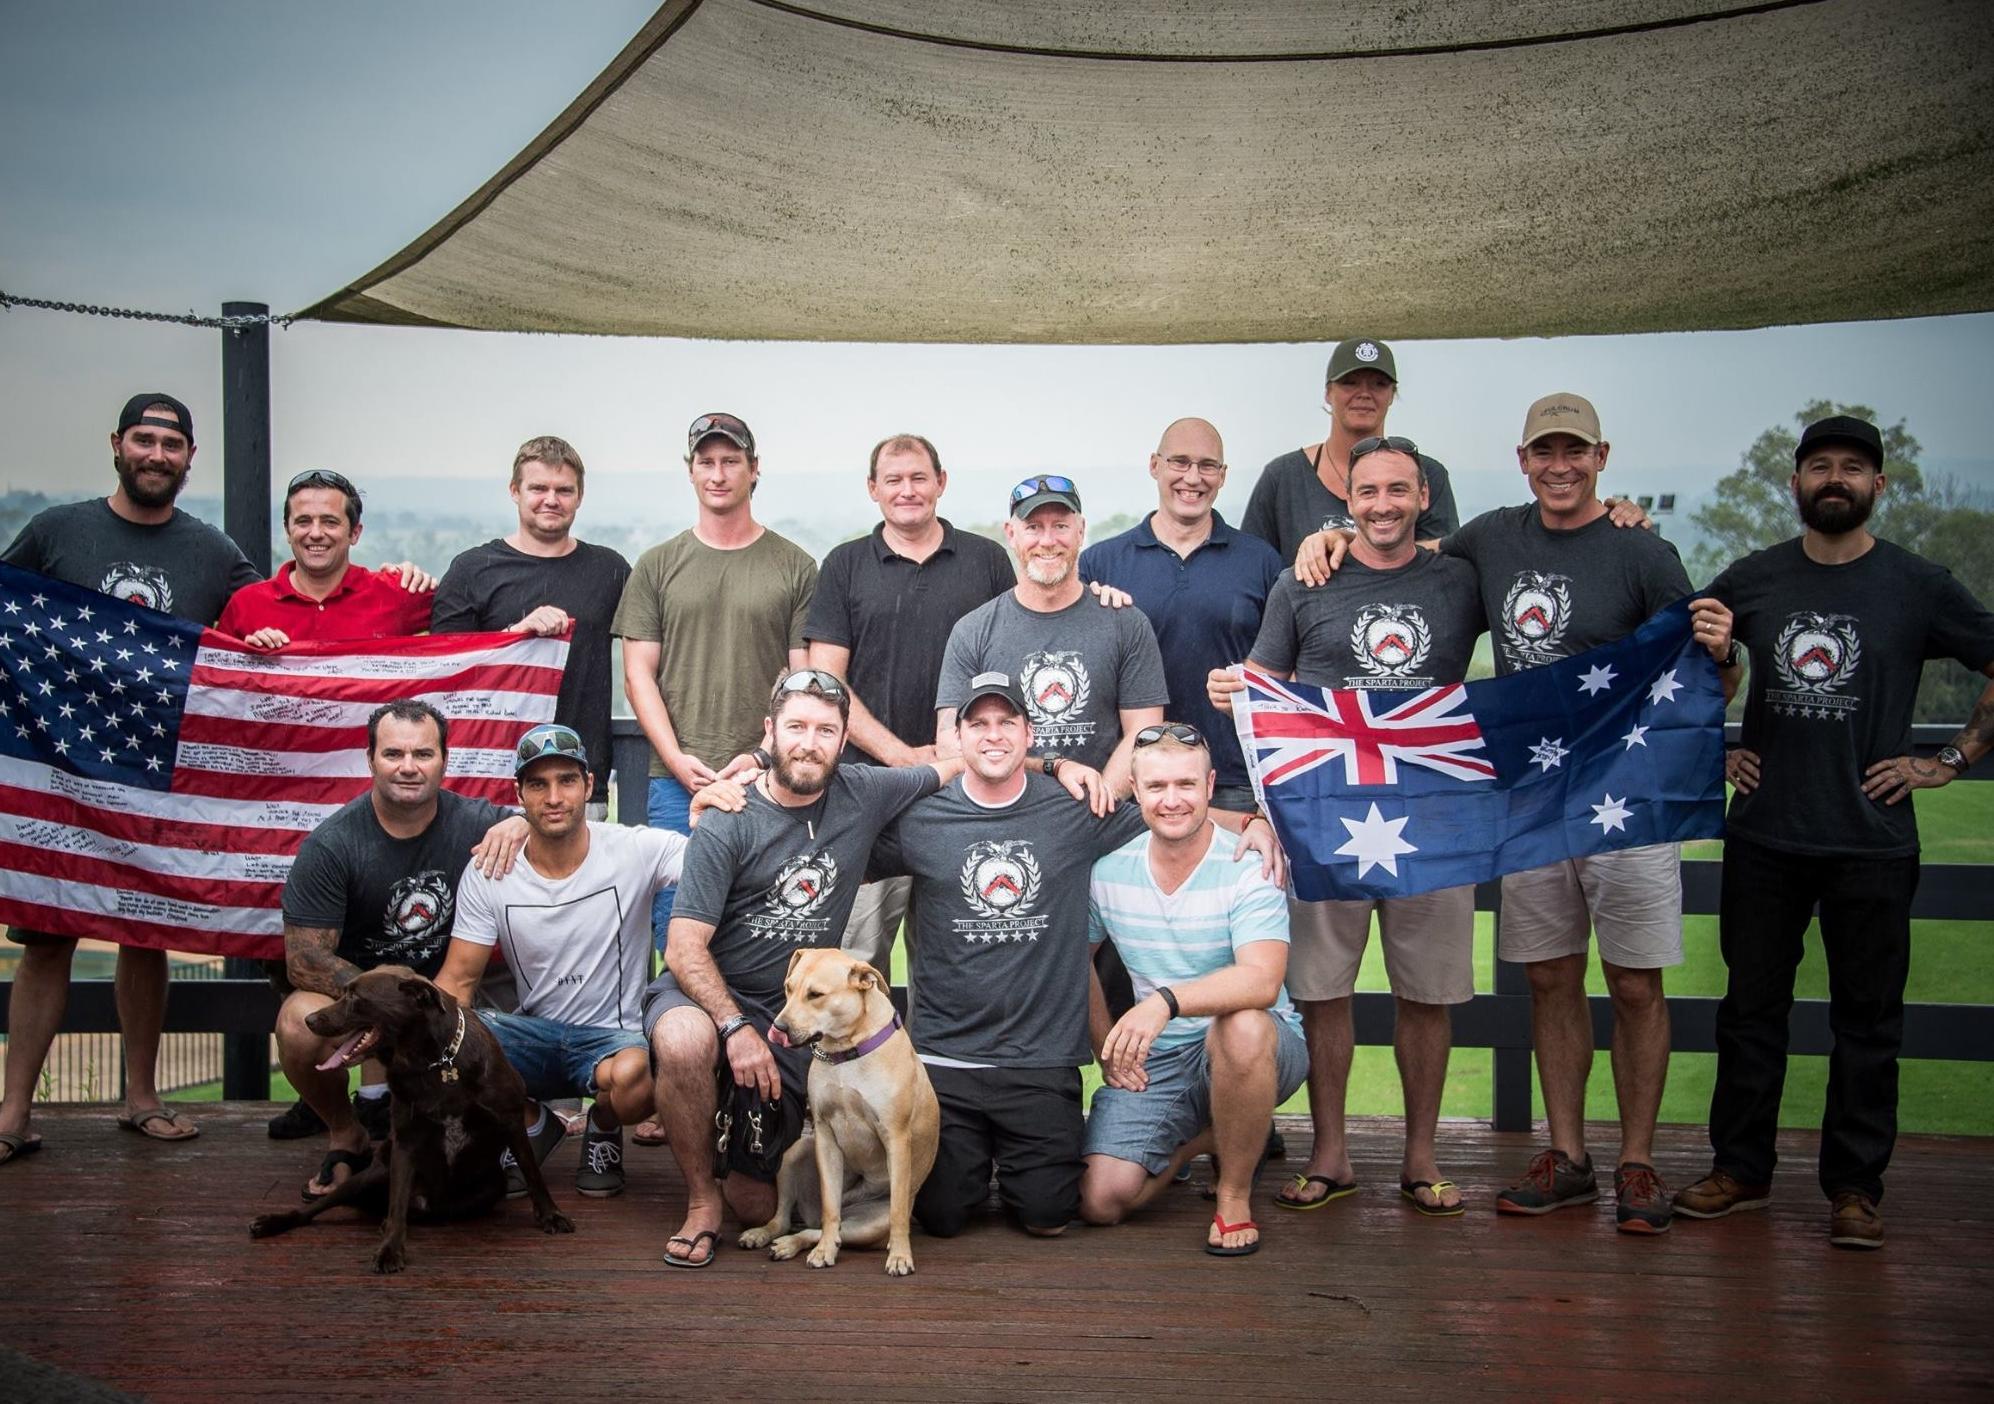 Philip_Folsom_SPARTA_Project_Veterans.jpg